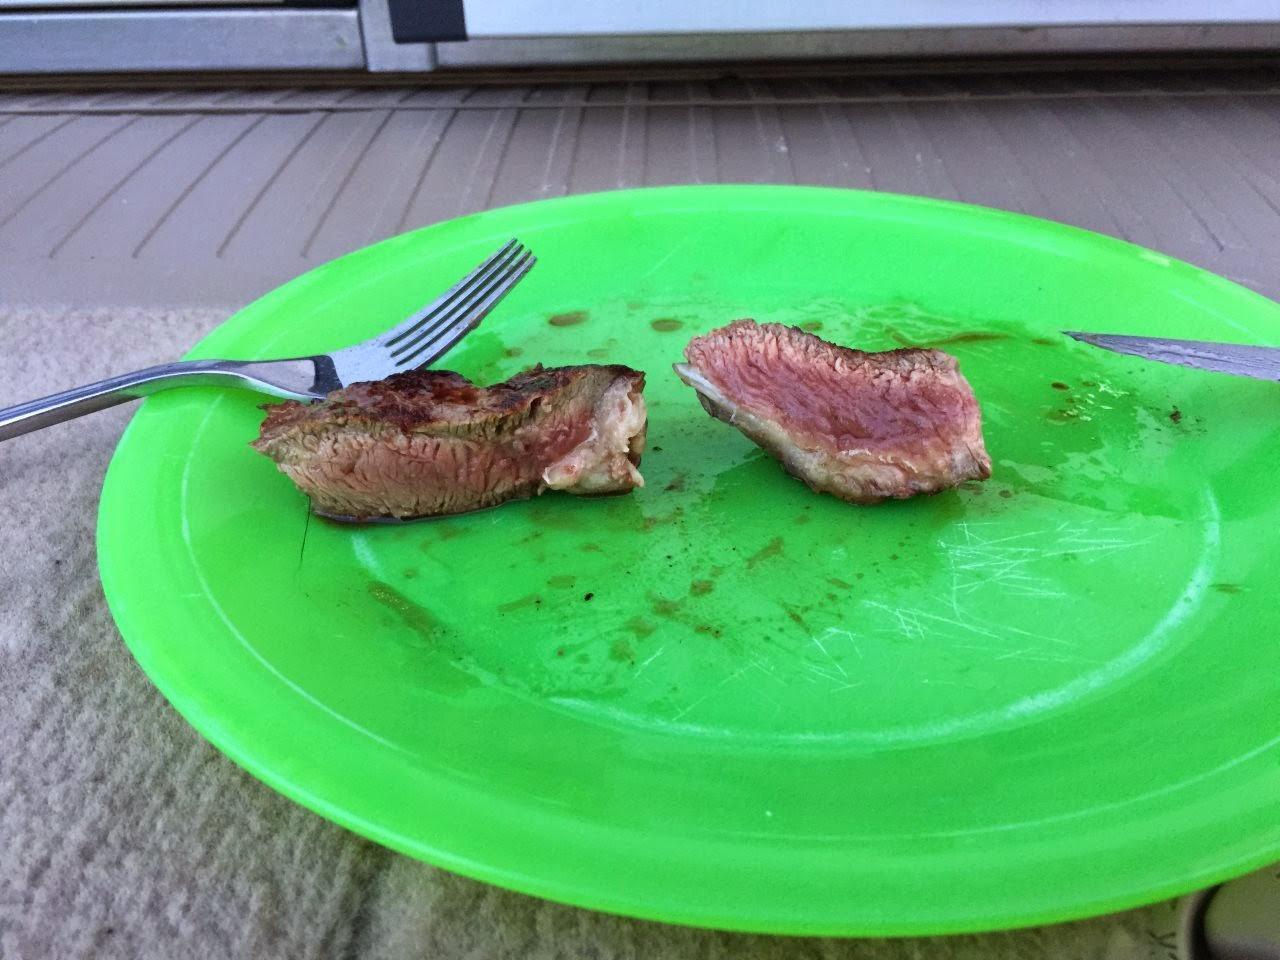 """Panamerika start in Argentinien. Der einzige weg um an ein """"medium-rare"""" Steak zu kommen: selber machen!"""